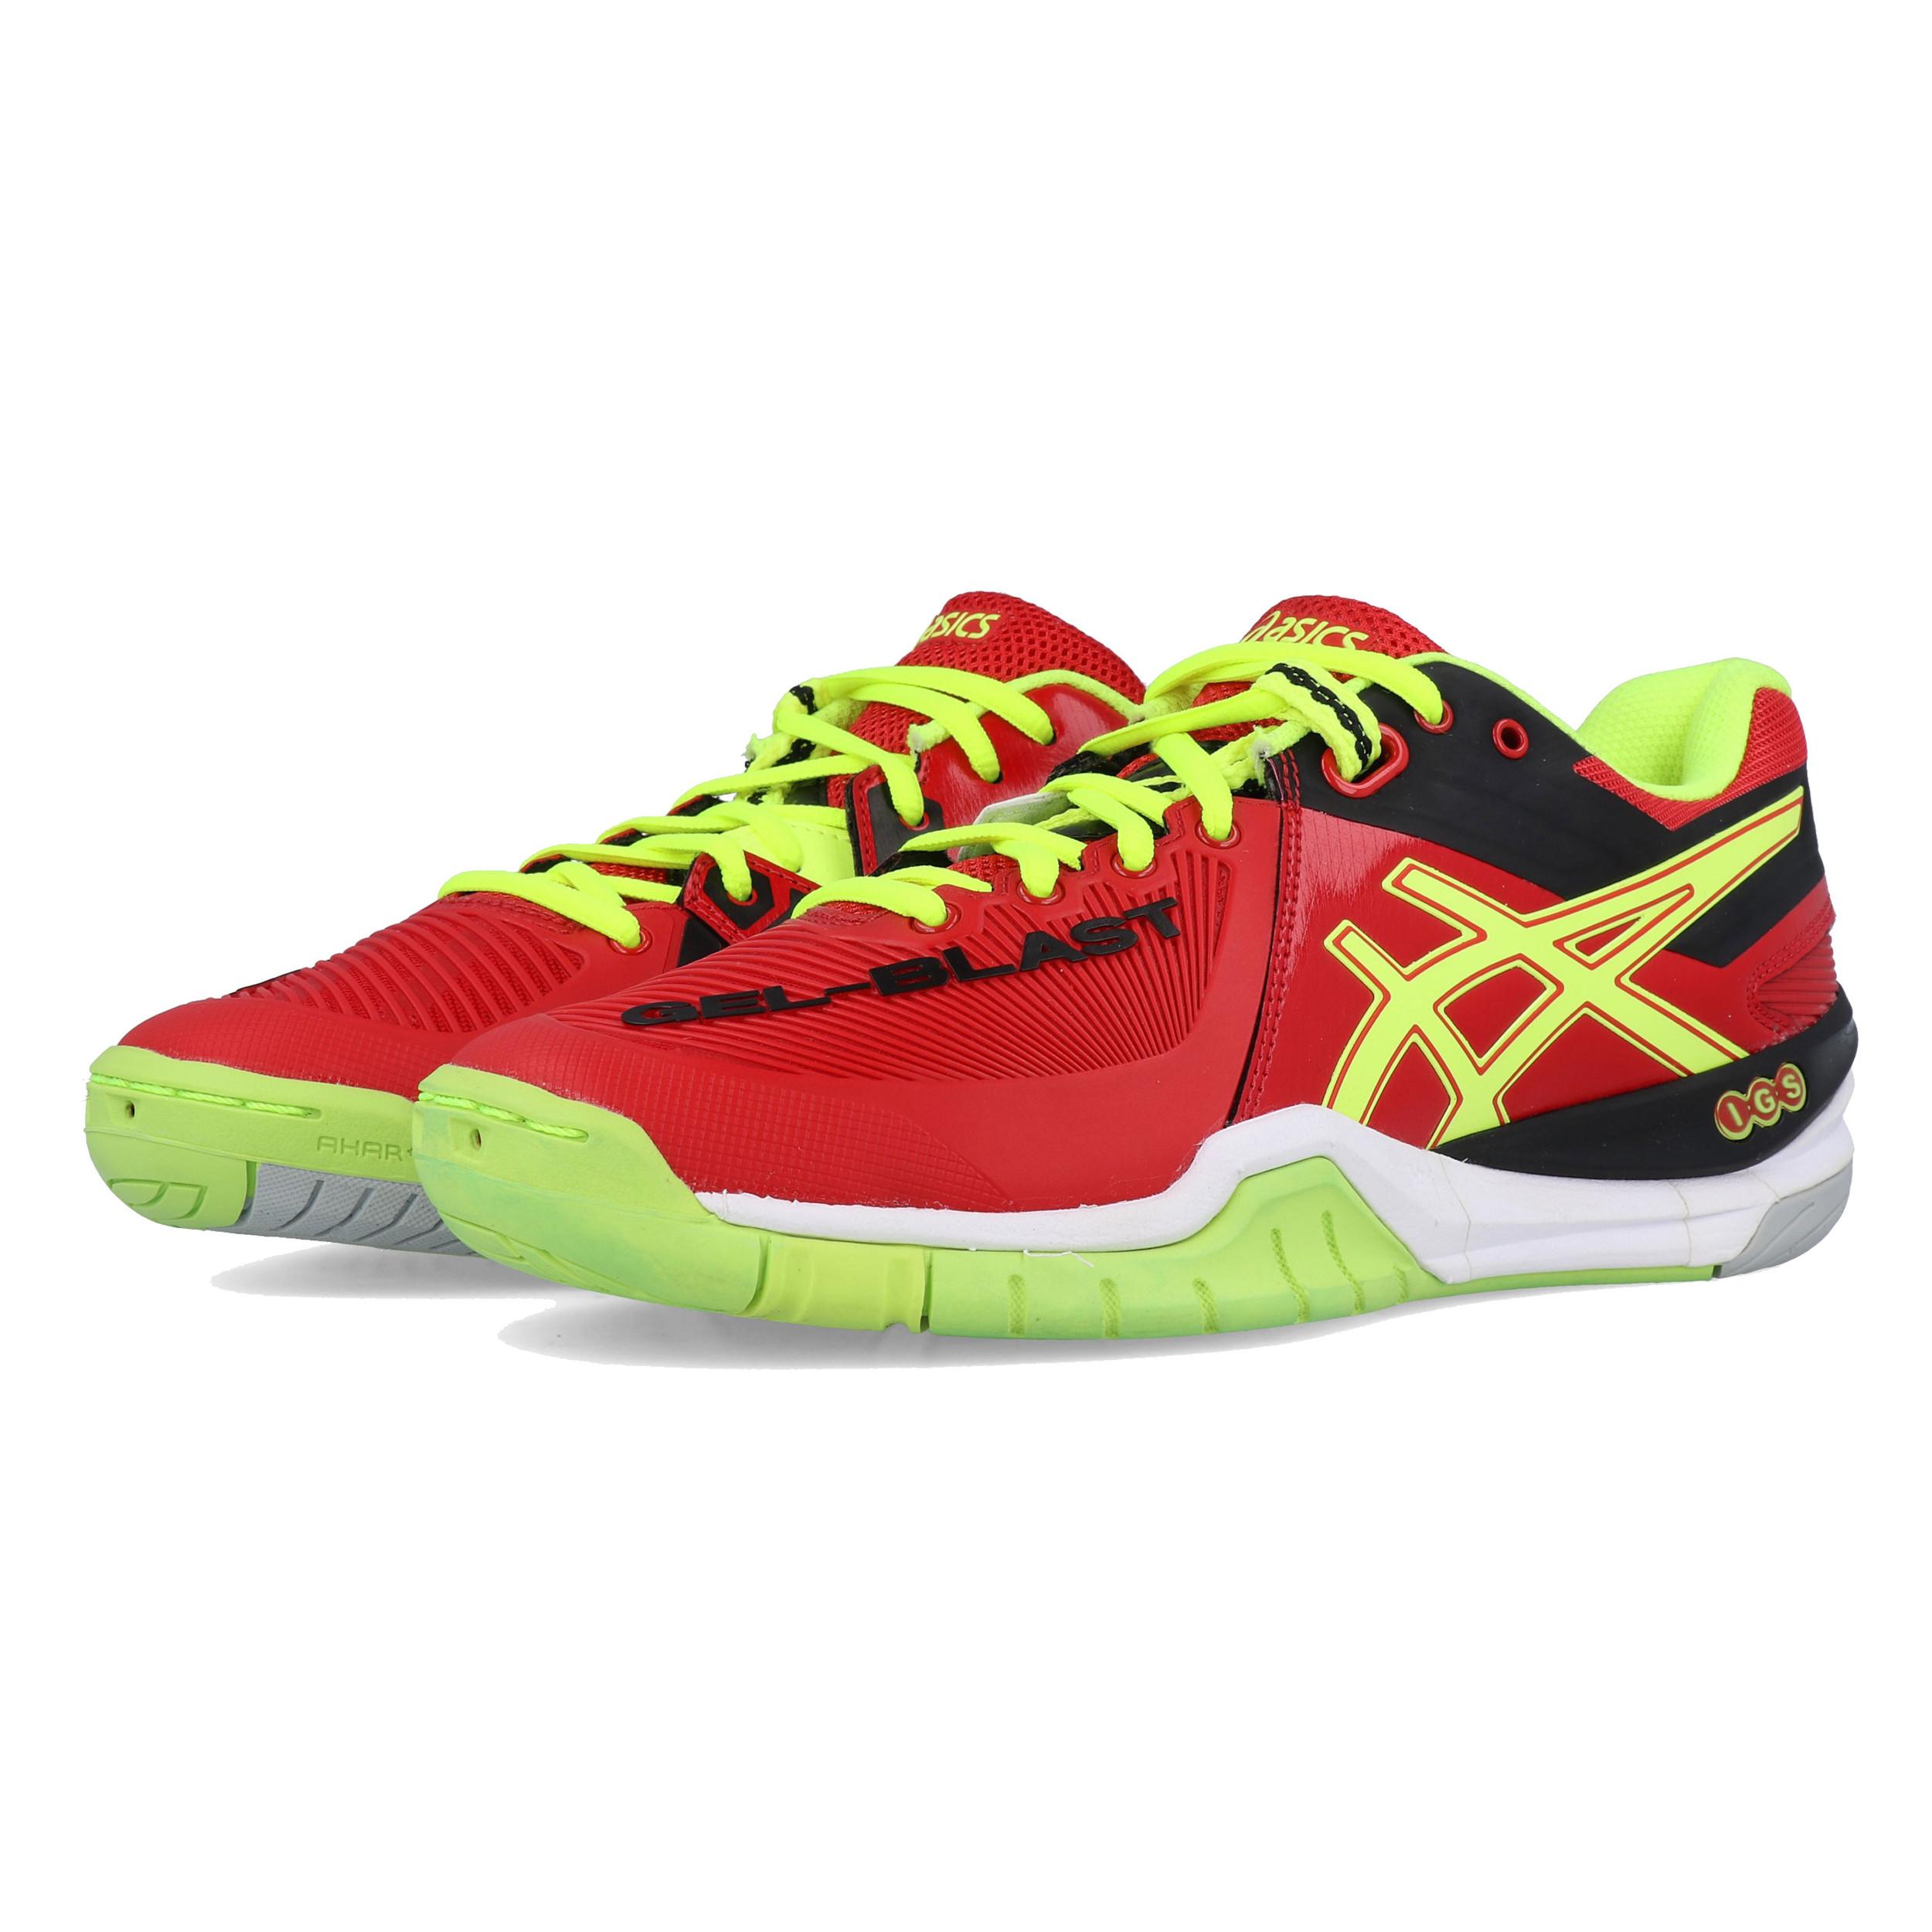 sélection premium c6815 94c1f Details about Asics Mens GEL-BLAST 6 Indoor Court Shoes Red Sports  Badminton Squash